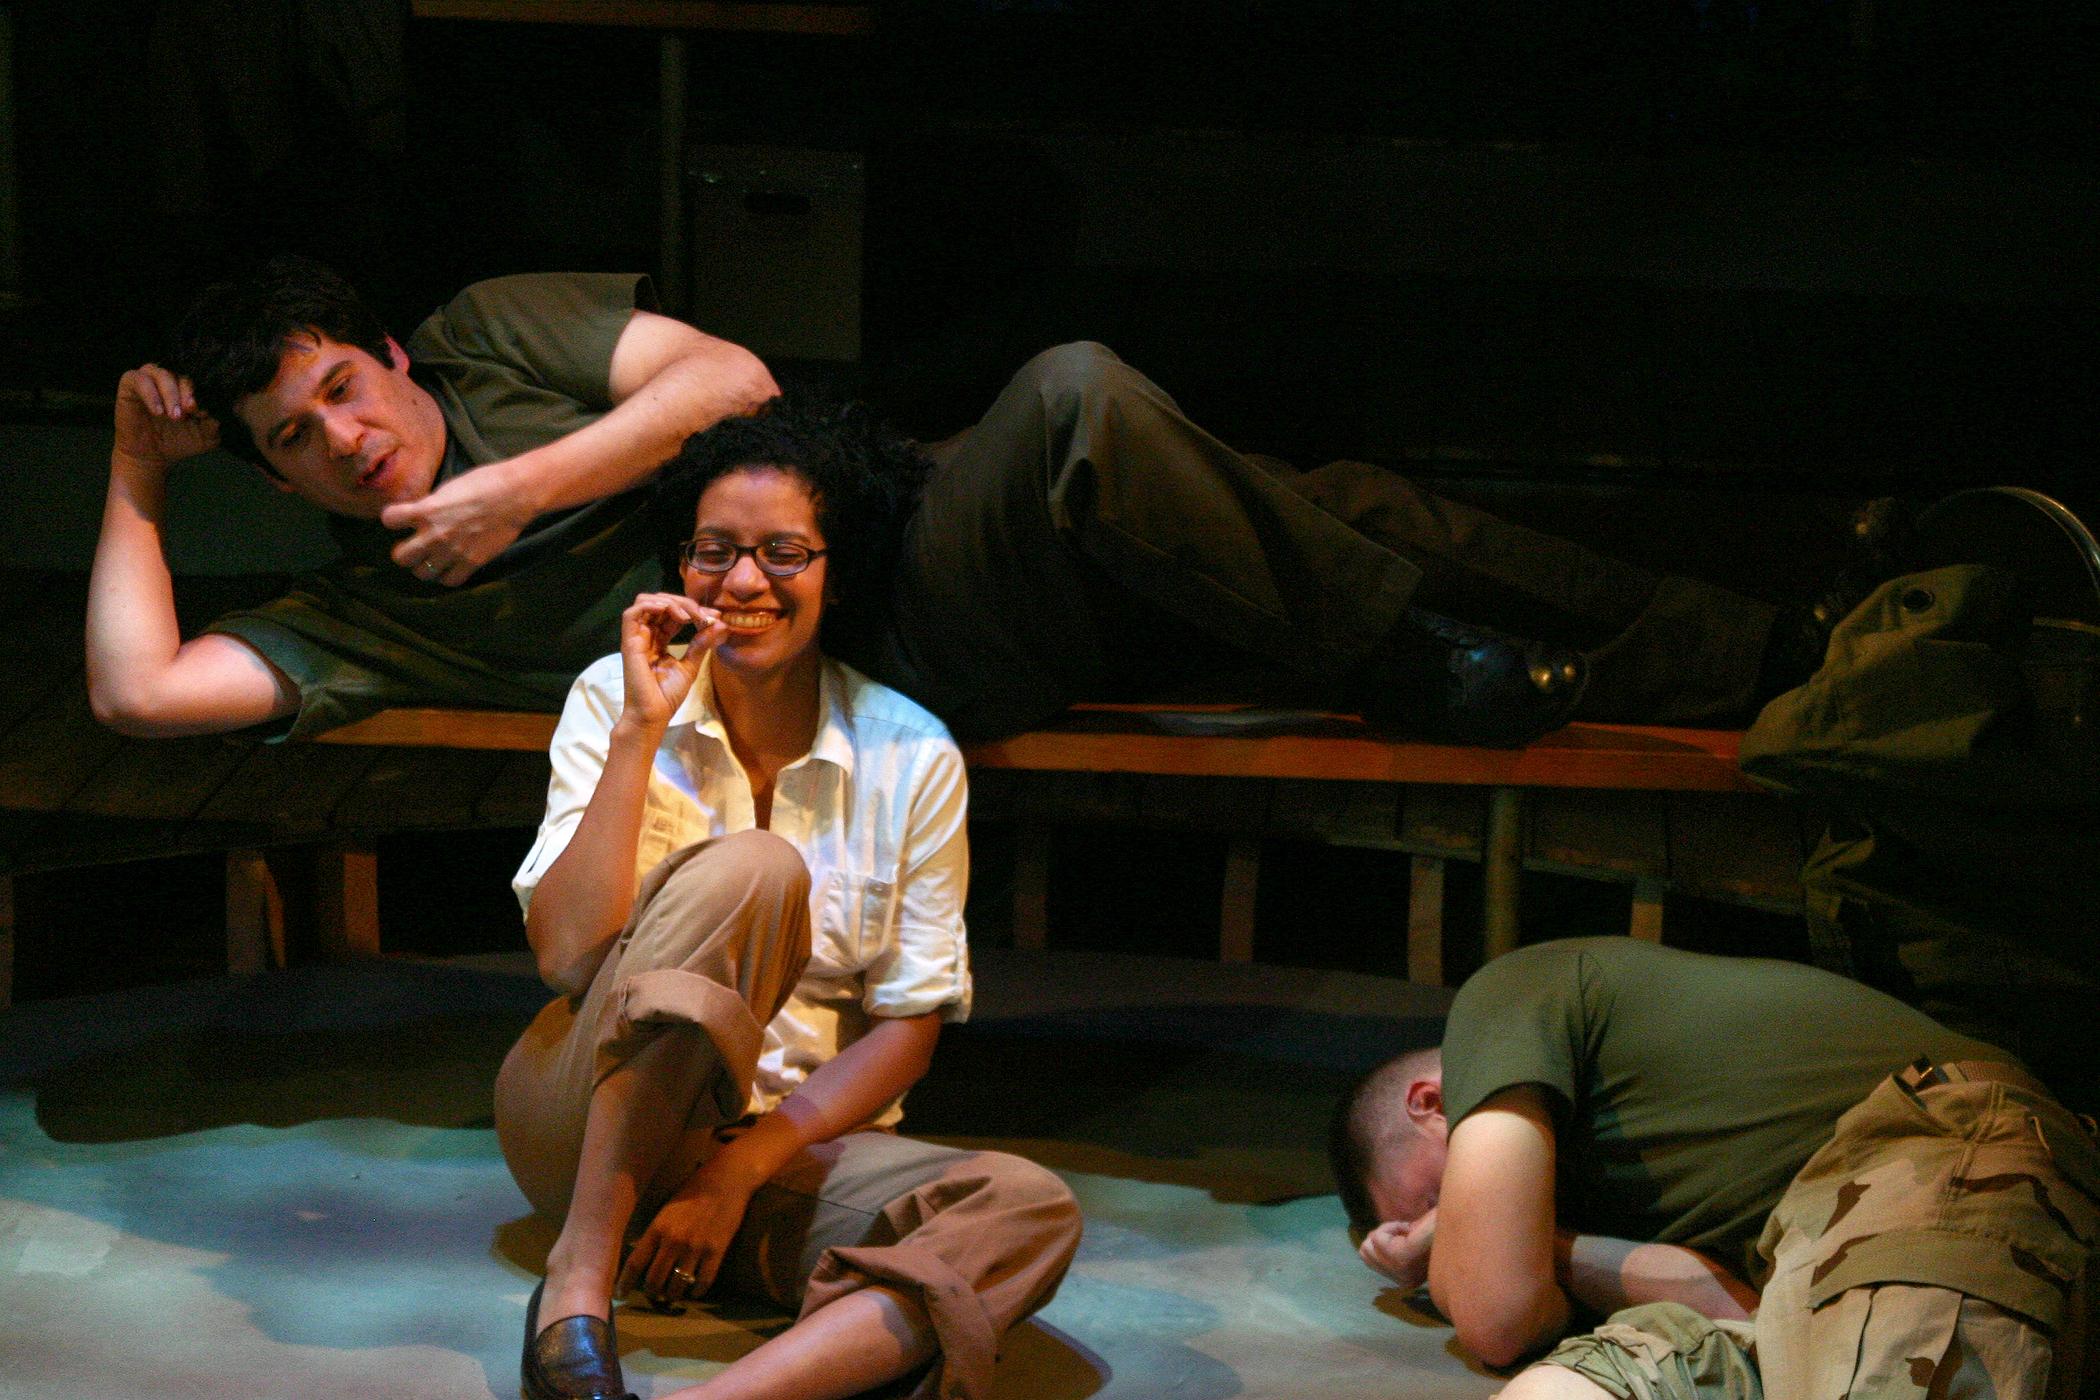 Triney Sandoval, Zabryna Guevara, and Armando Riesco